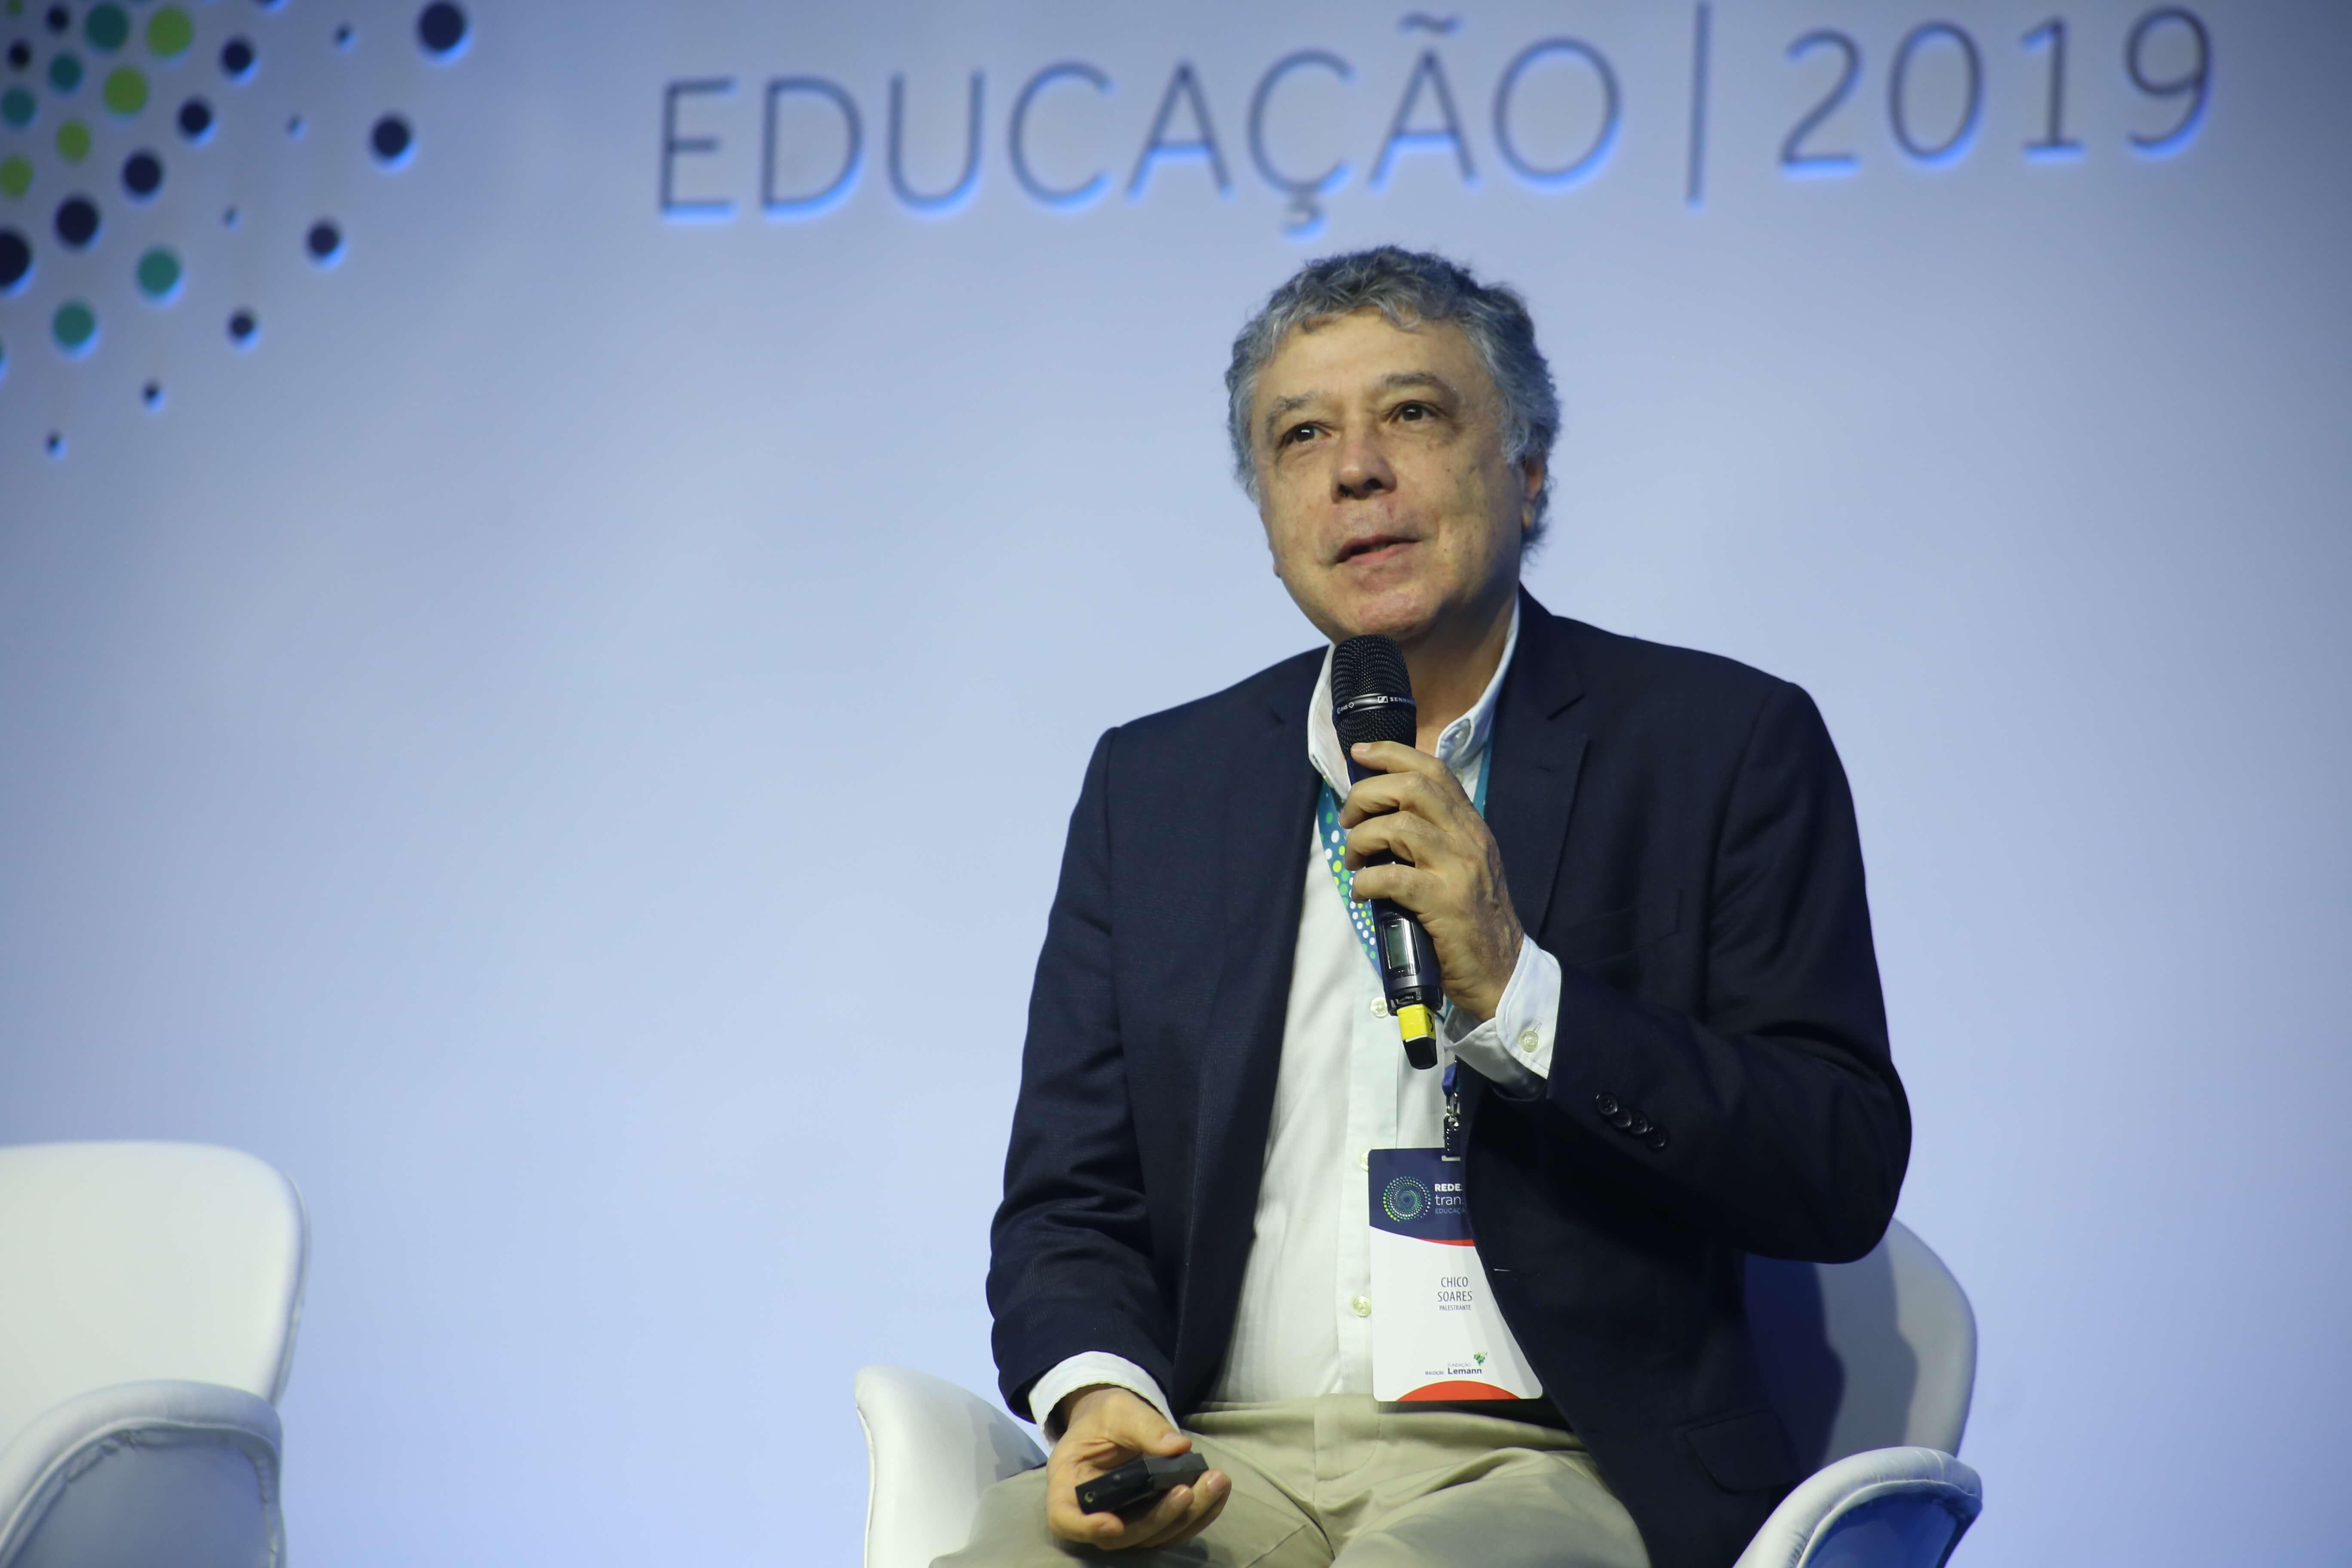 Chico Soares, ex-presidente do Inep, durante o evento